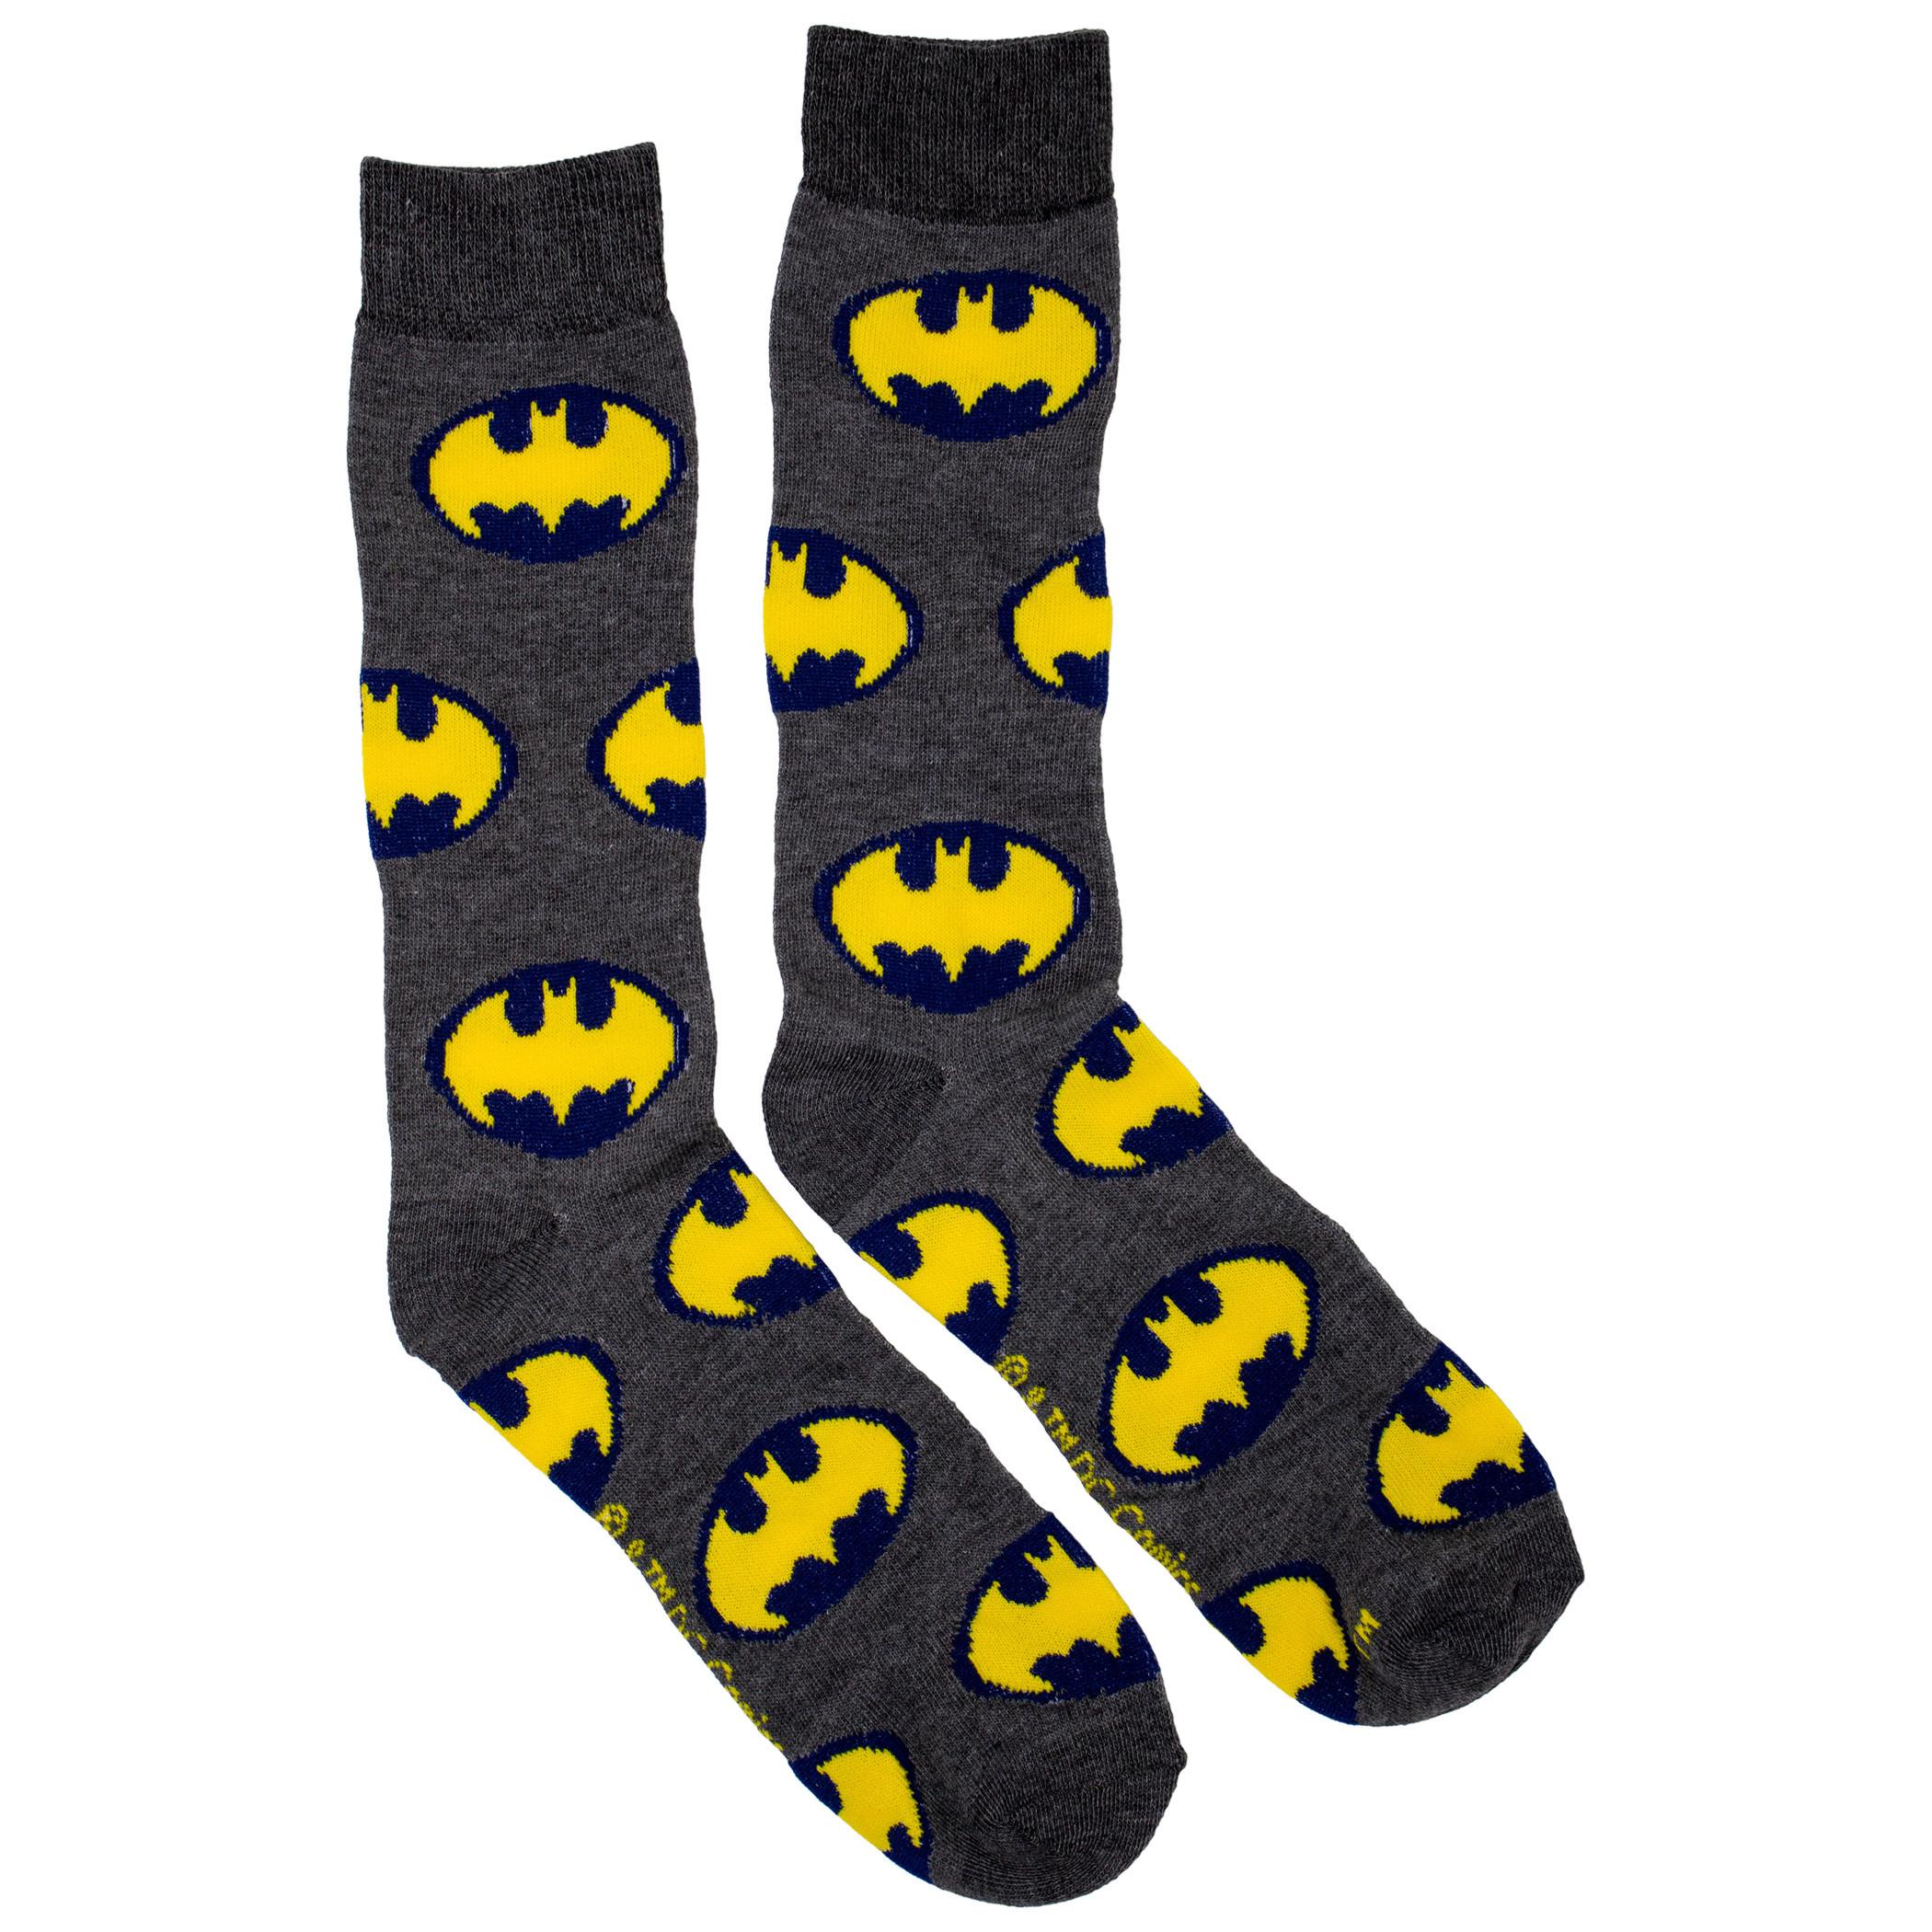 Batman Yellow and Blue Symbols Men's Crew Socks